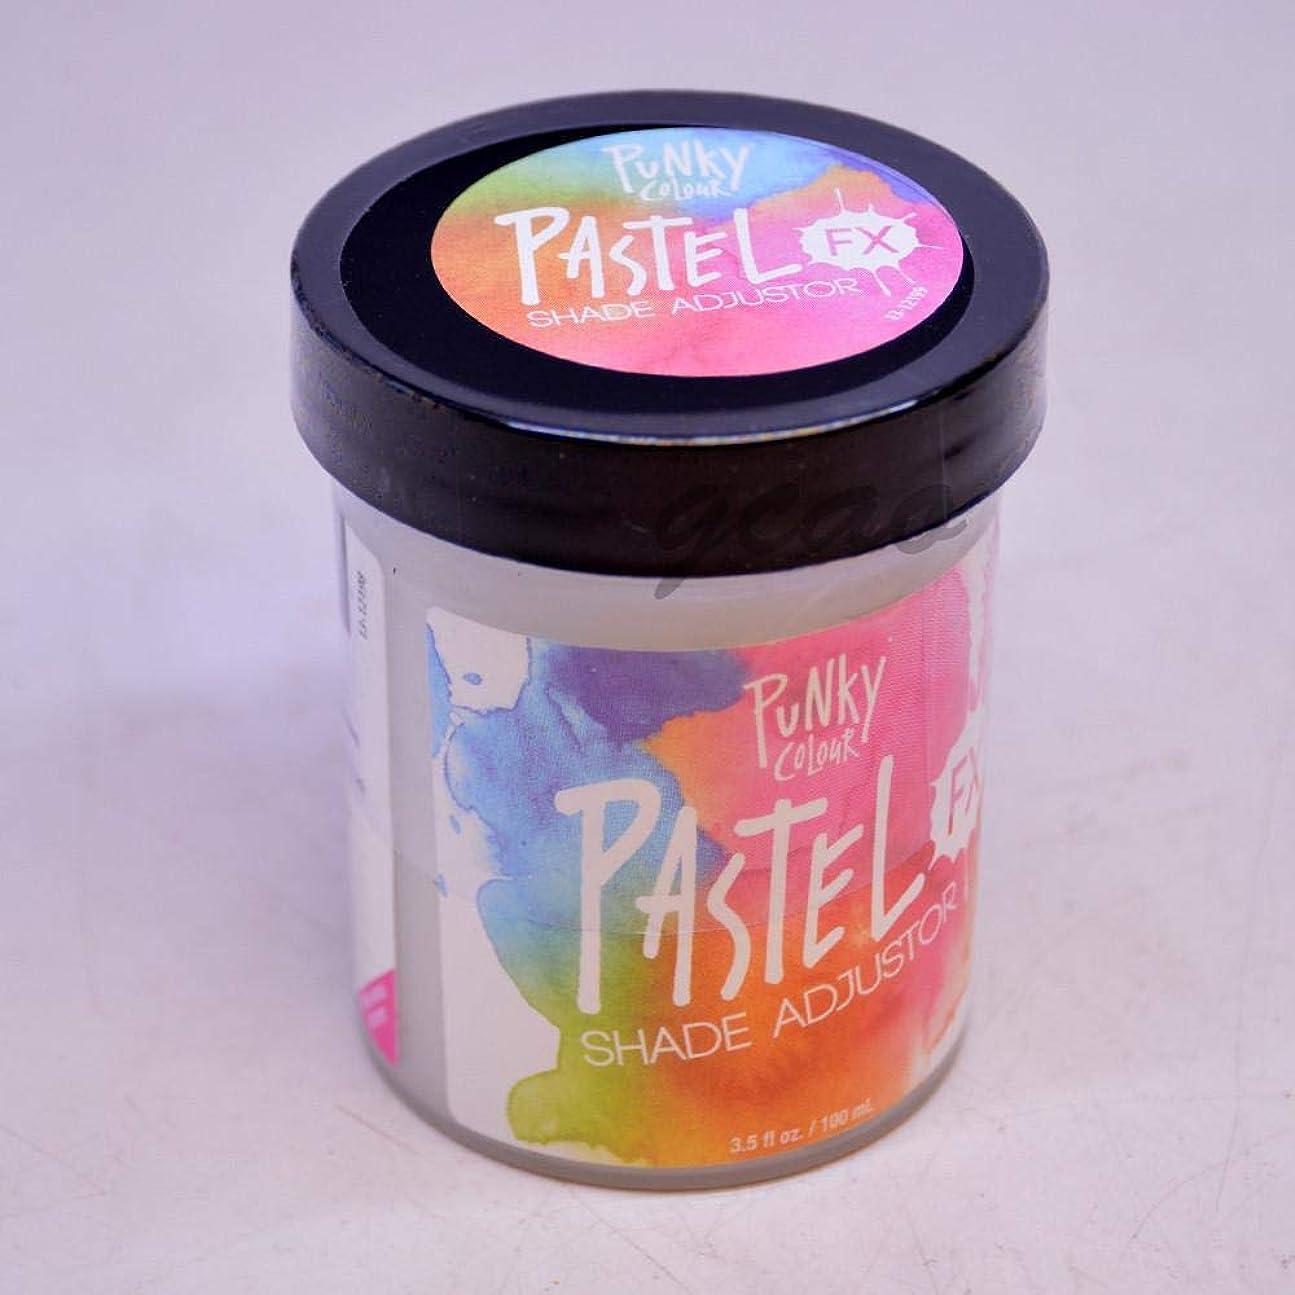 天皇割れ目足首JEROME RUSSELL Punky Color Semi-Permanent Conditioning Hair Color - Pastel FX Shade Adjuster (並行輸入品)